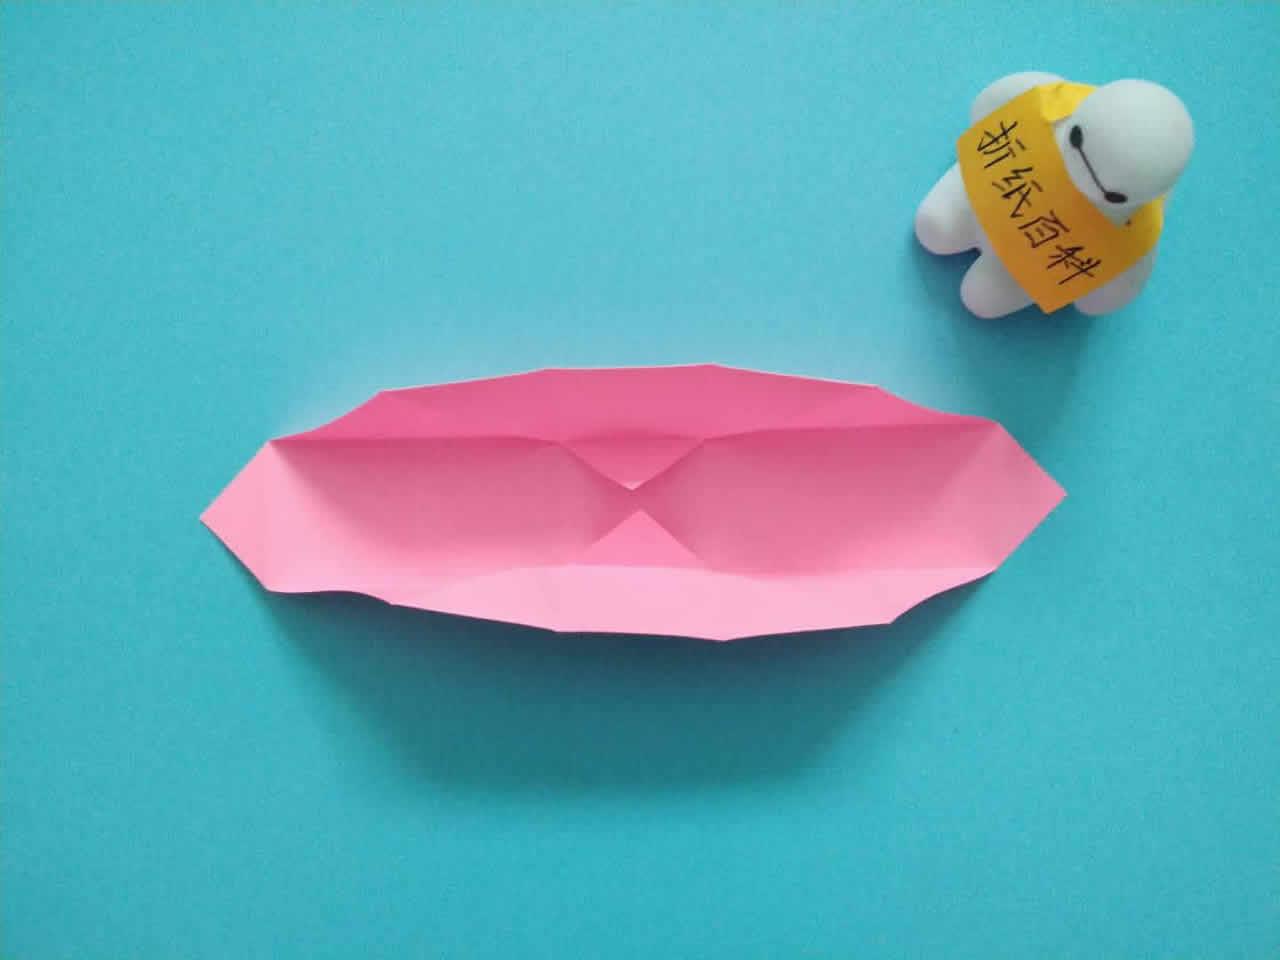 教你折纸方形带盖礼品收纳盒,简单又漂亮,手工折纸图解教程 家务 第4张